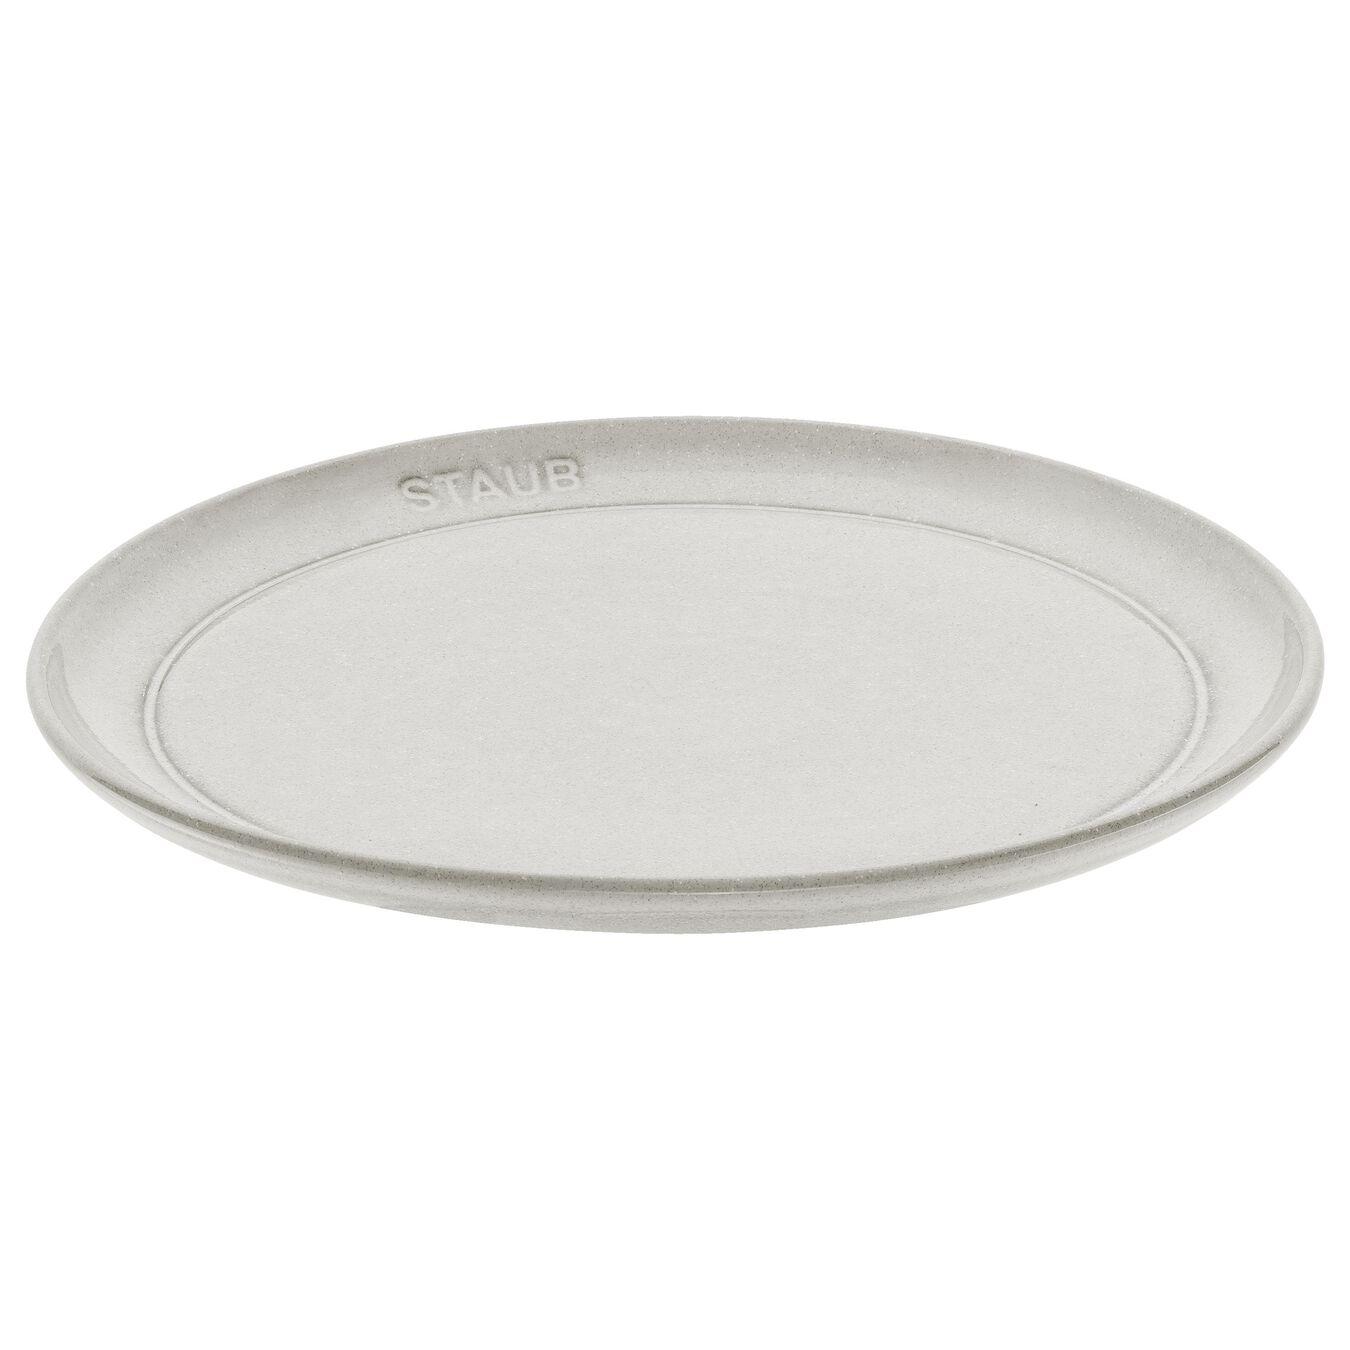 Set de service, 32-pcs | White Truffle | Ceramic | Ceramic,,large 4